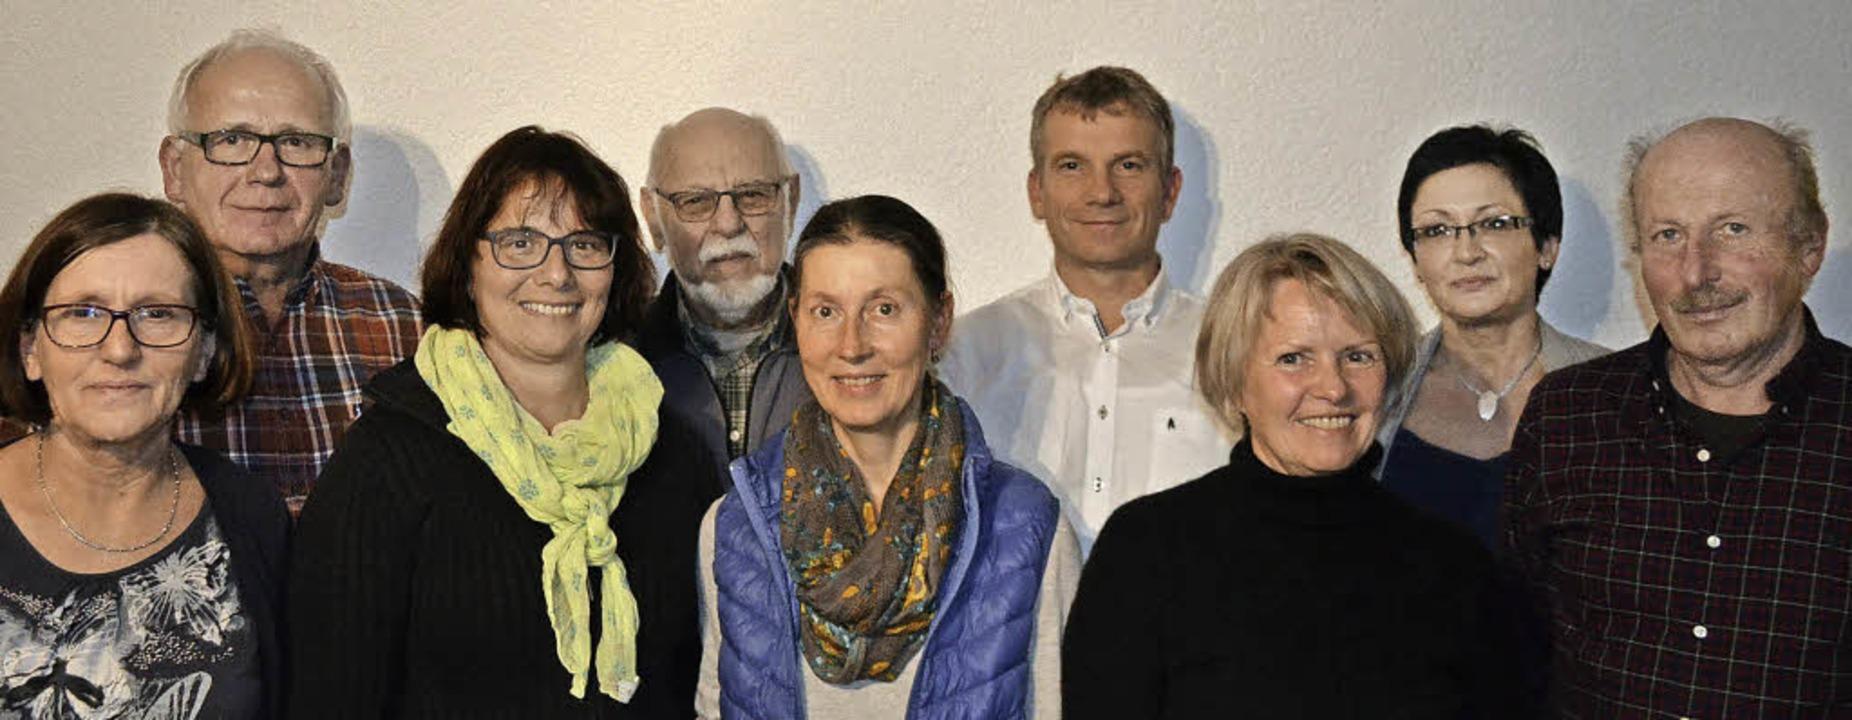 Das soziales Netz Rötenbach, hier das ... Flüchtlinge in der Gemeinde kümmern.   | Foto: Liane Schilling